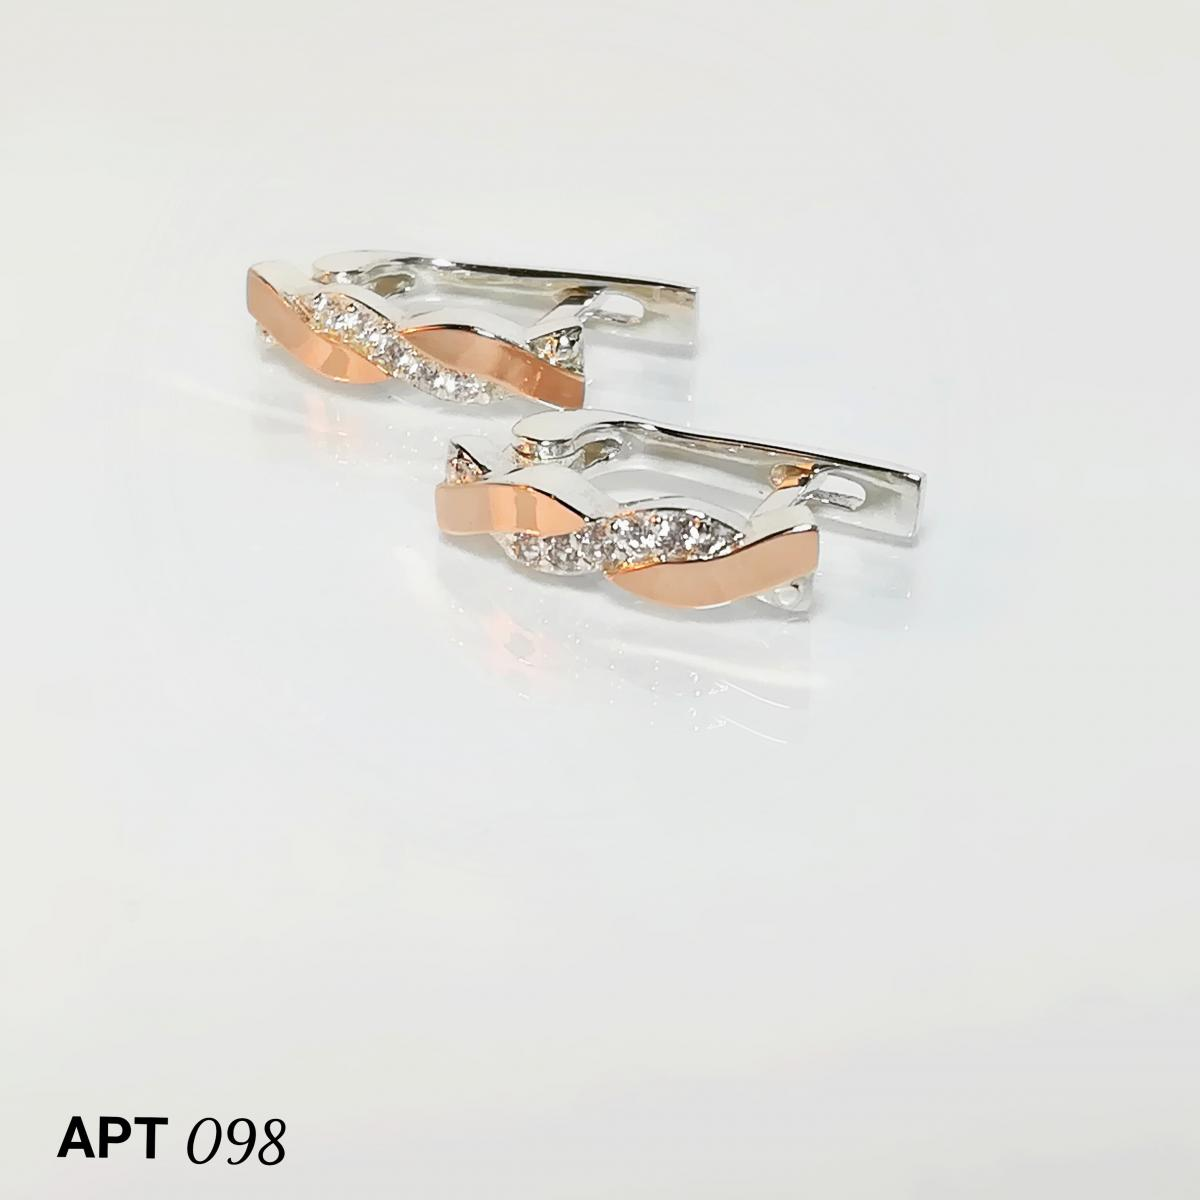 b1cb1f13a1911c Сережки срібні 925 проби з золотими пластинами 375 проби купити ...